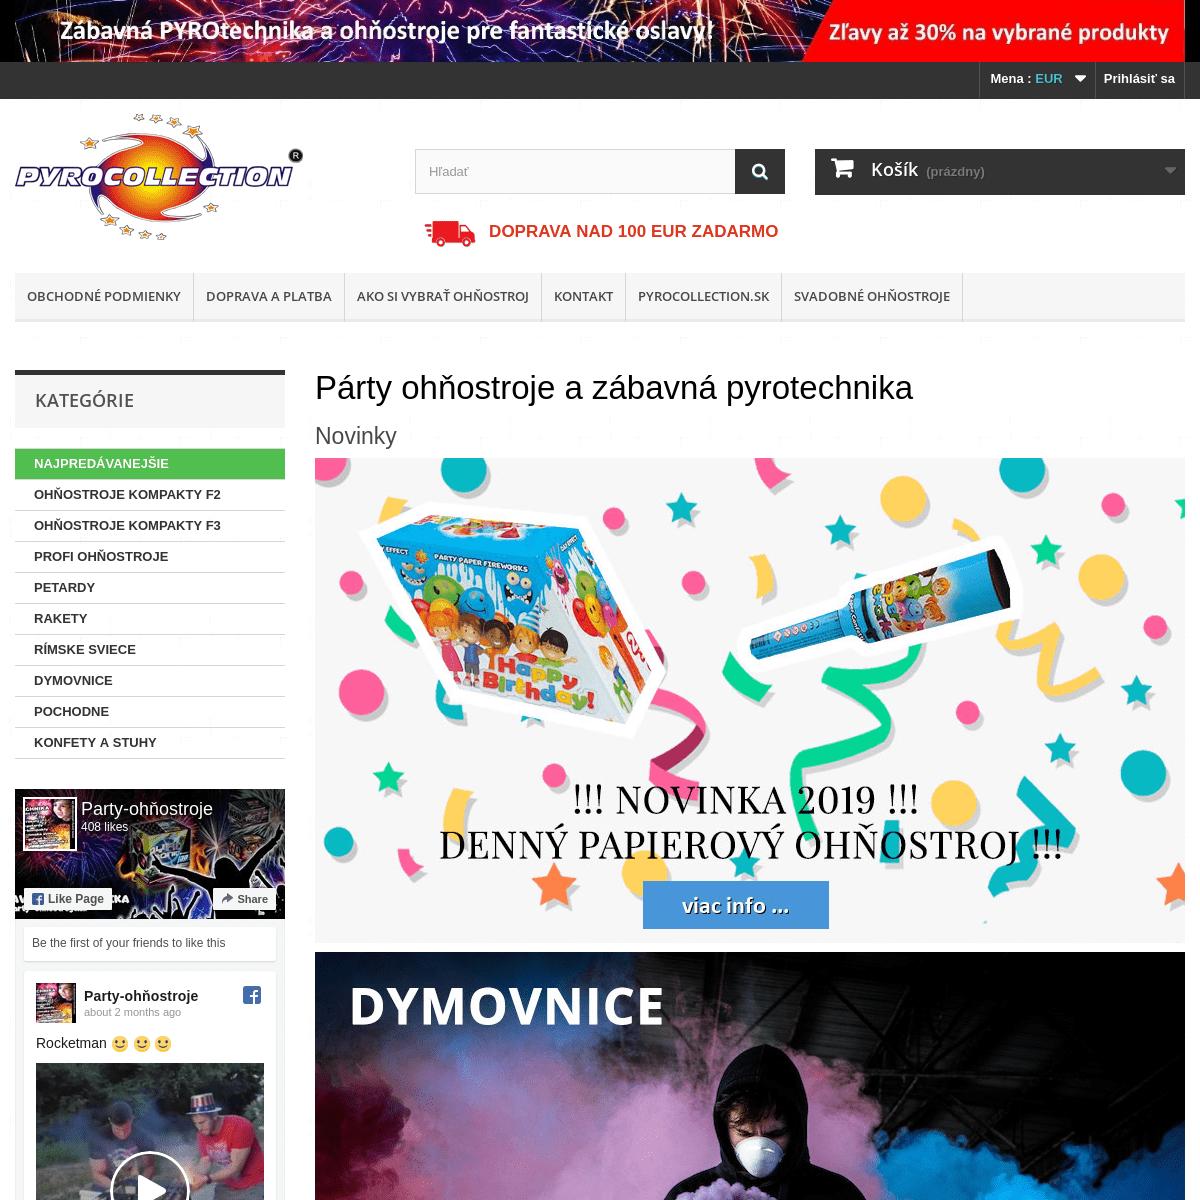 ArchiveBay.com - party-ohnostroje.sk - Ohňostroje a pyrotechnika - party-ohnostroje.sk